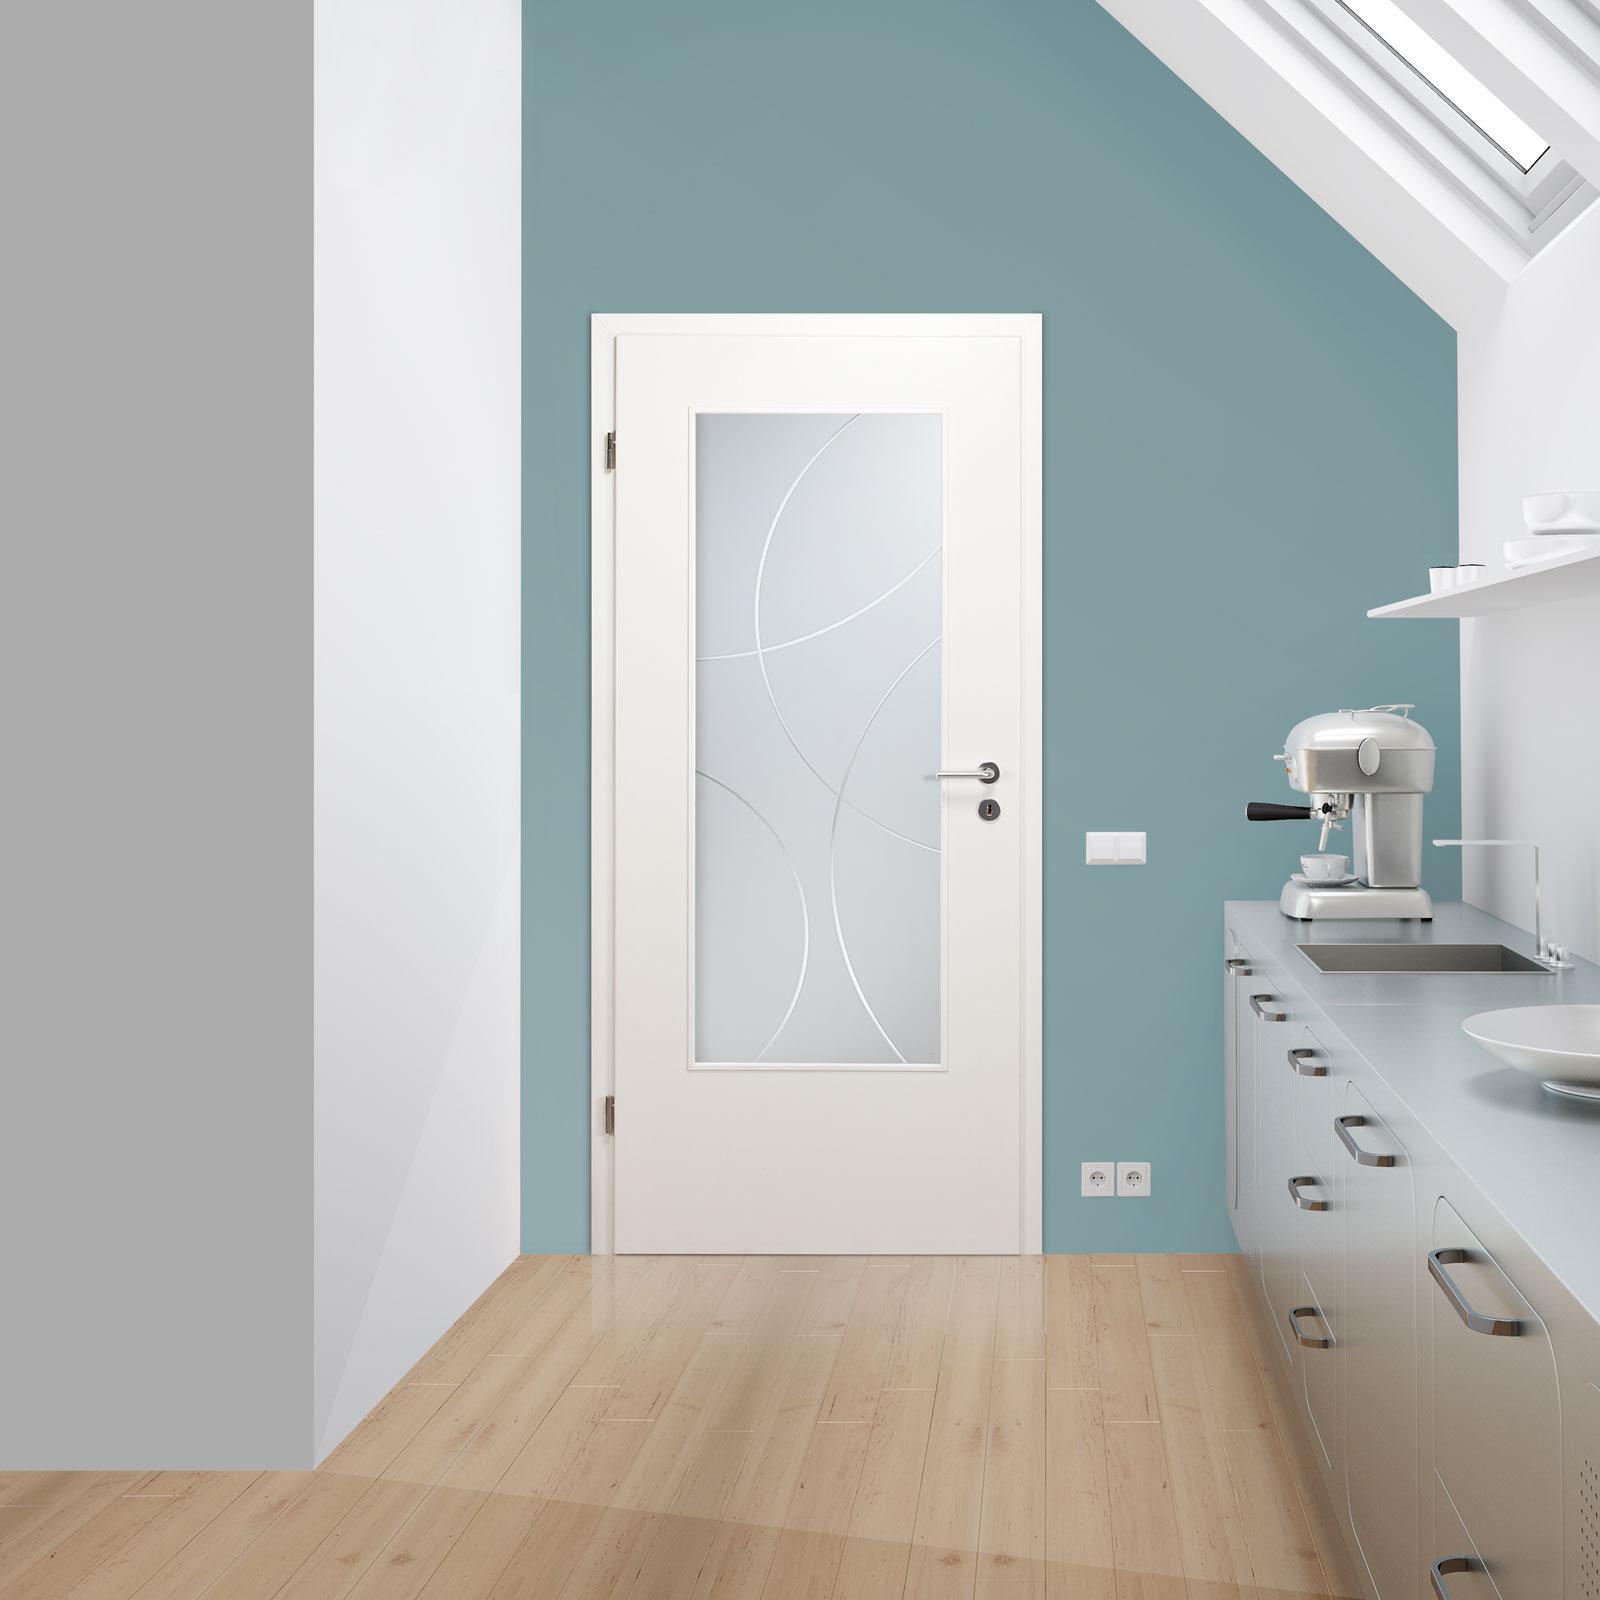 verglasung glaseinsatz f r holzt r 167 3r s la satinato mit rillenschliff bola ebay. Black Bedroom Furniture Sets. Home Design Ideas